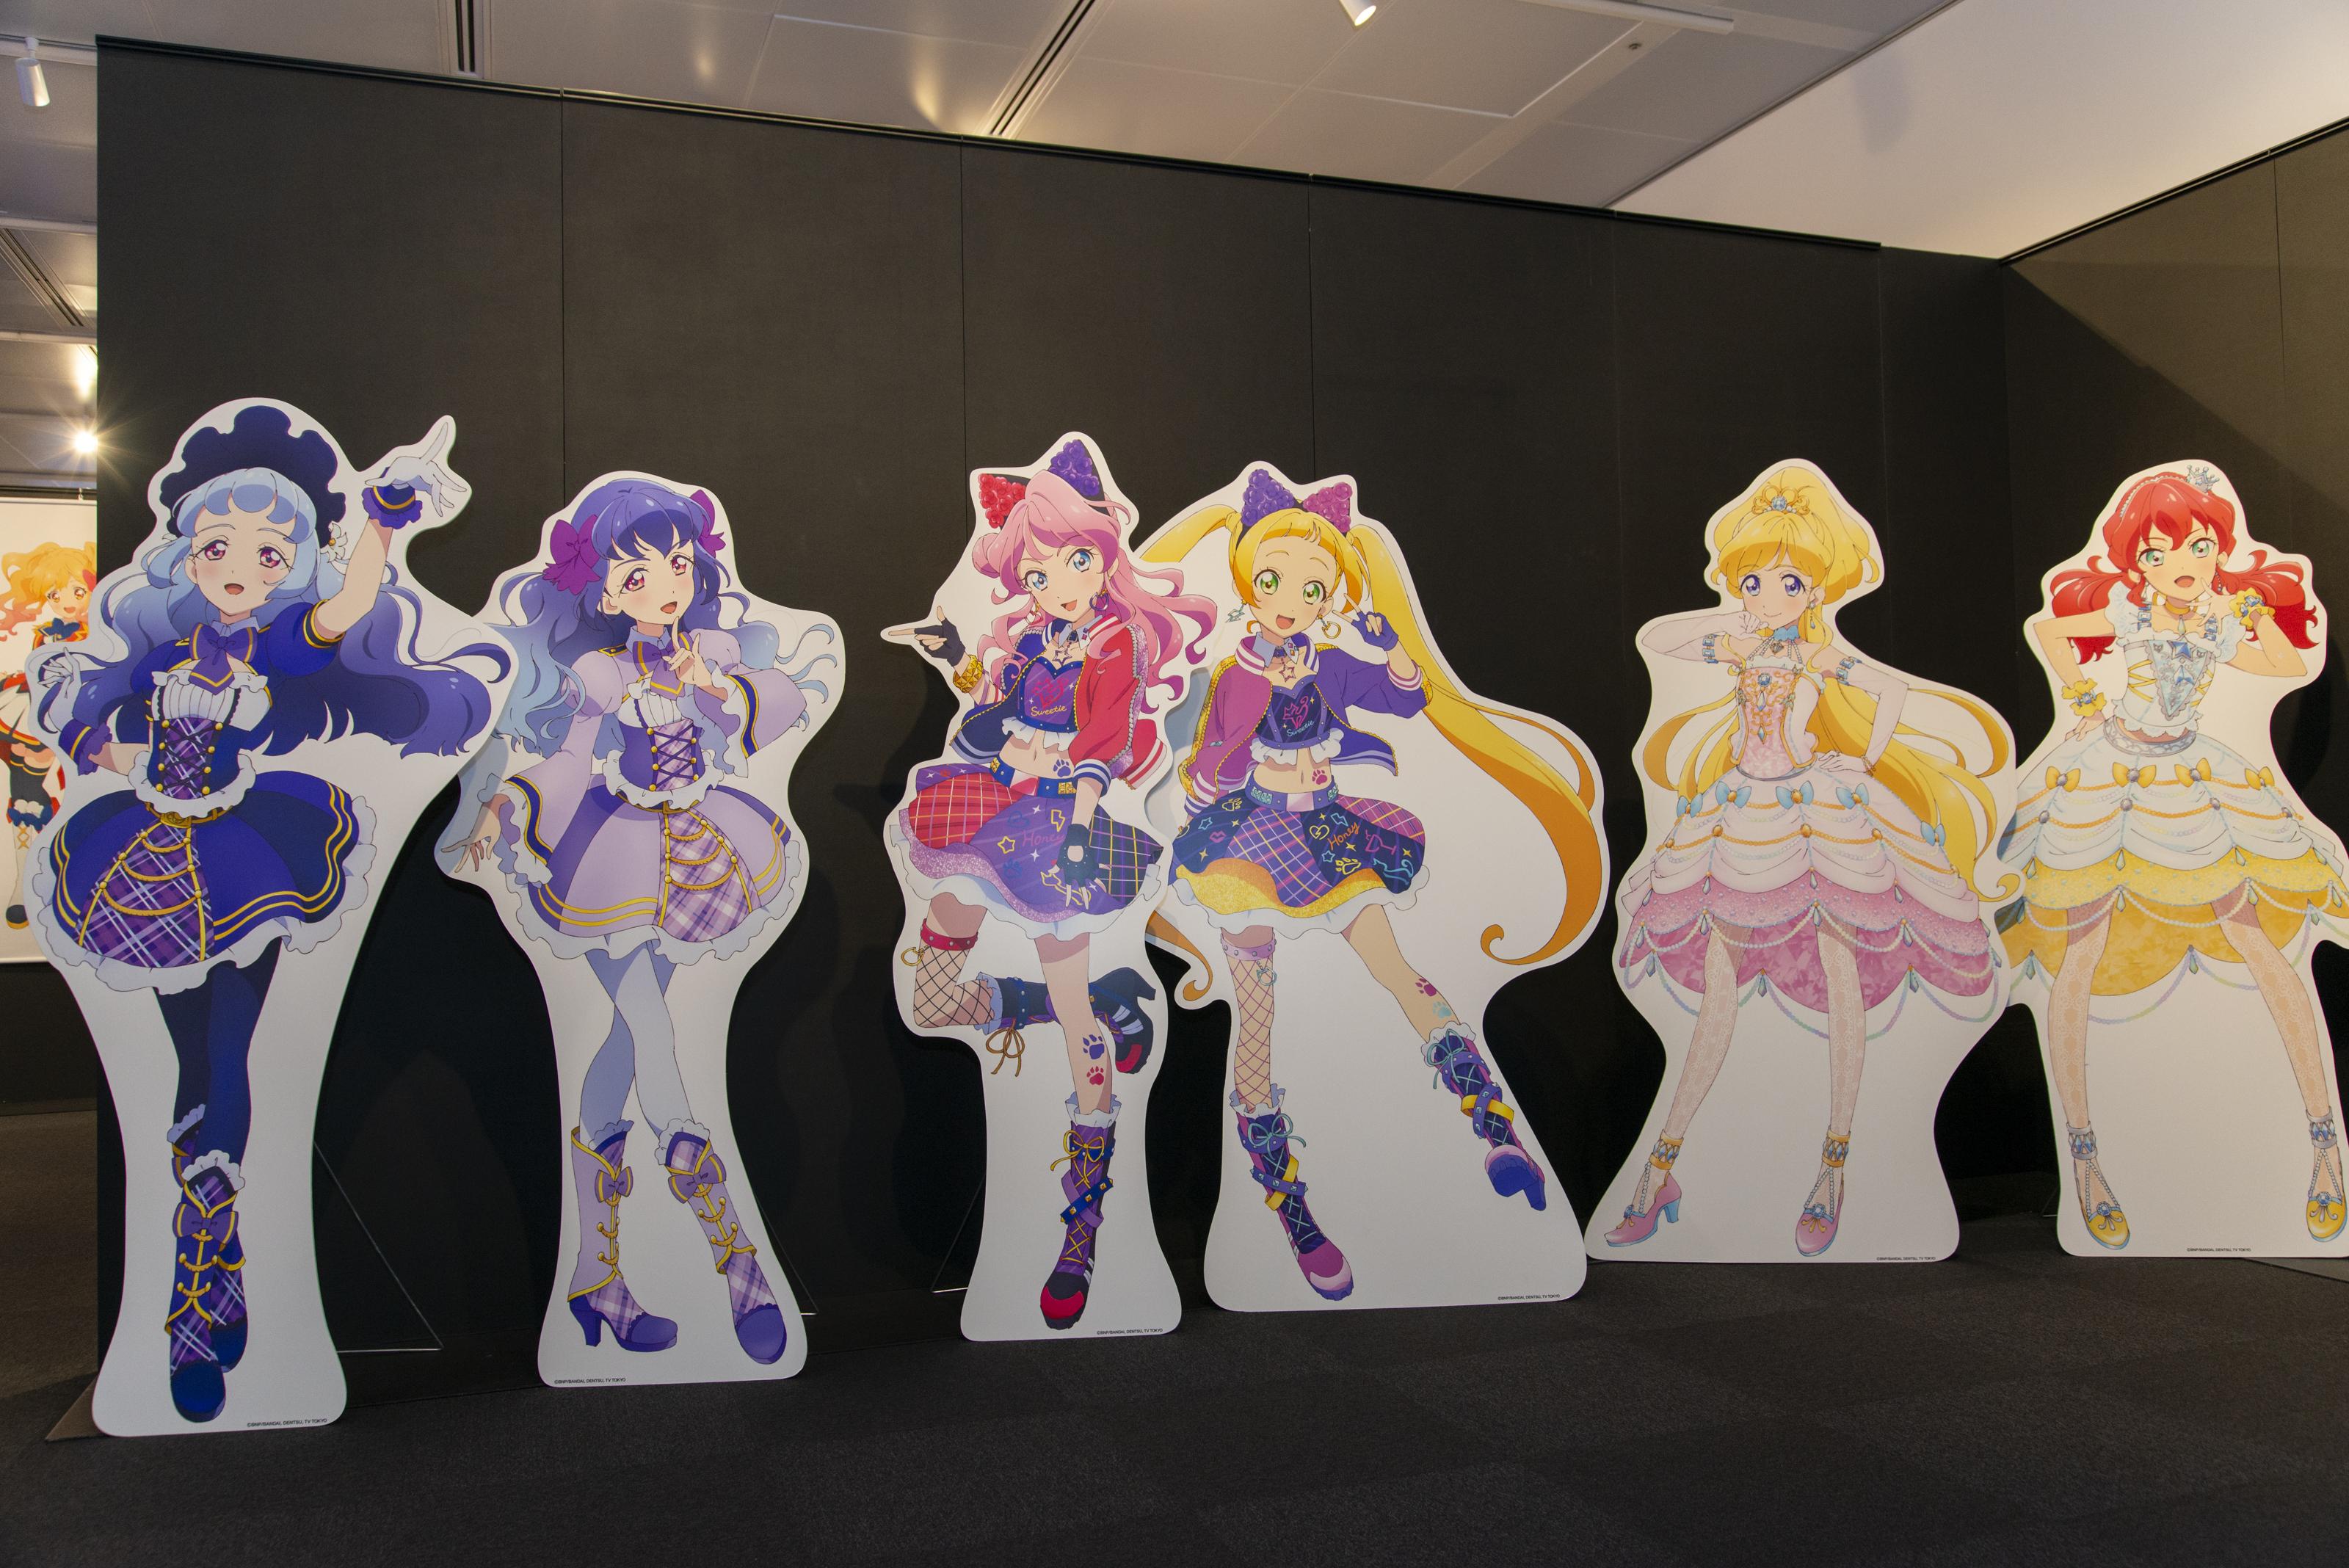 歴代シリーズを貴重な資料で紹介! 「アイカツ!シリーズ」の企画展が新宿でスタート